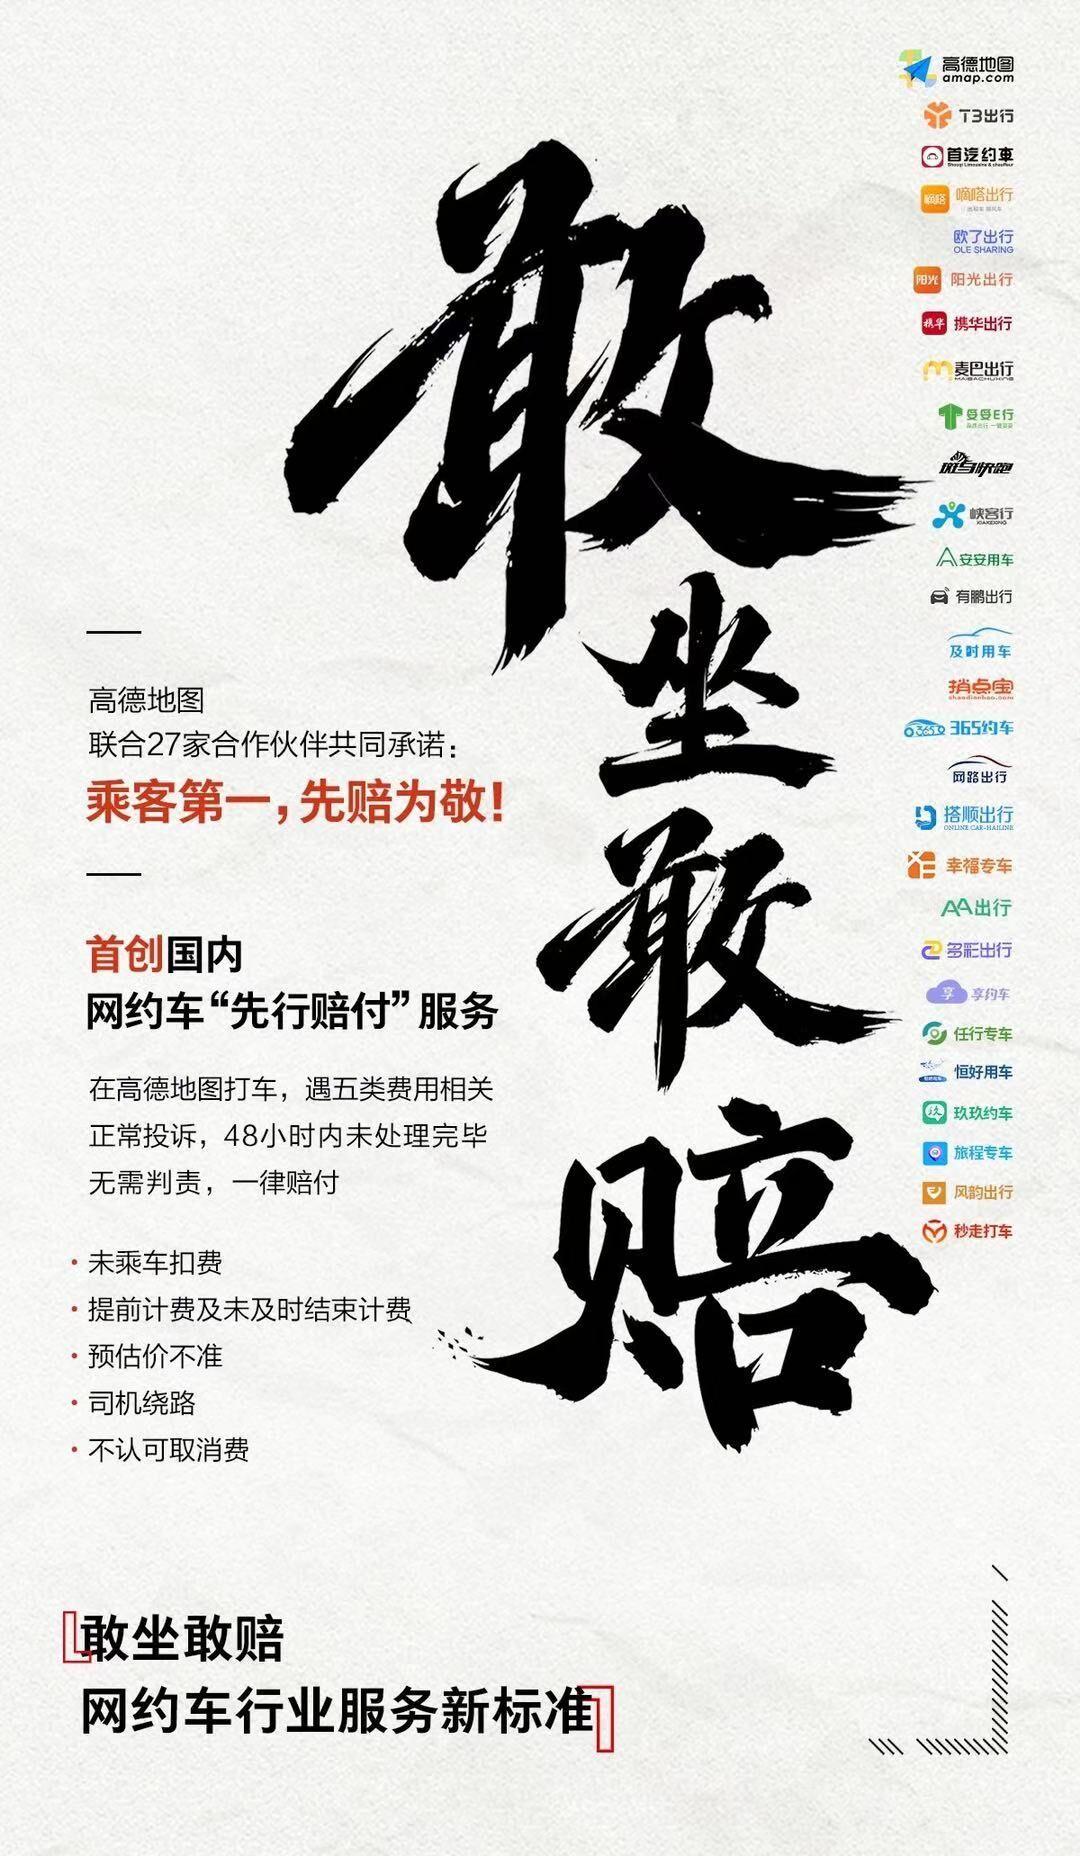 """河南快三的平台,高德地图联合27家网约车承诺""""敢坐敢赔"""" 滴滴缺席"""